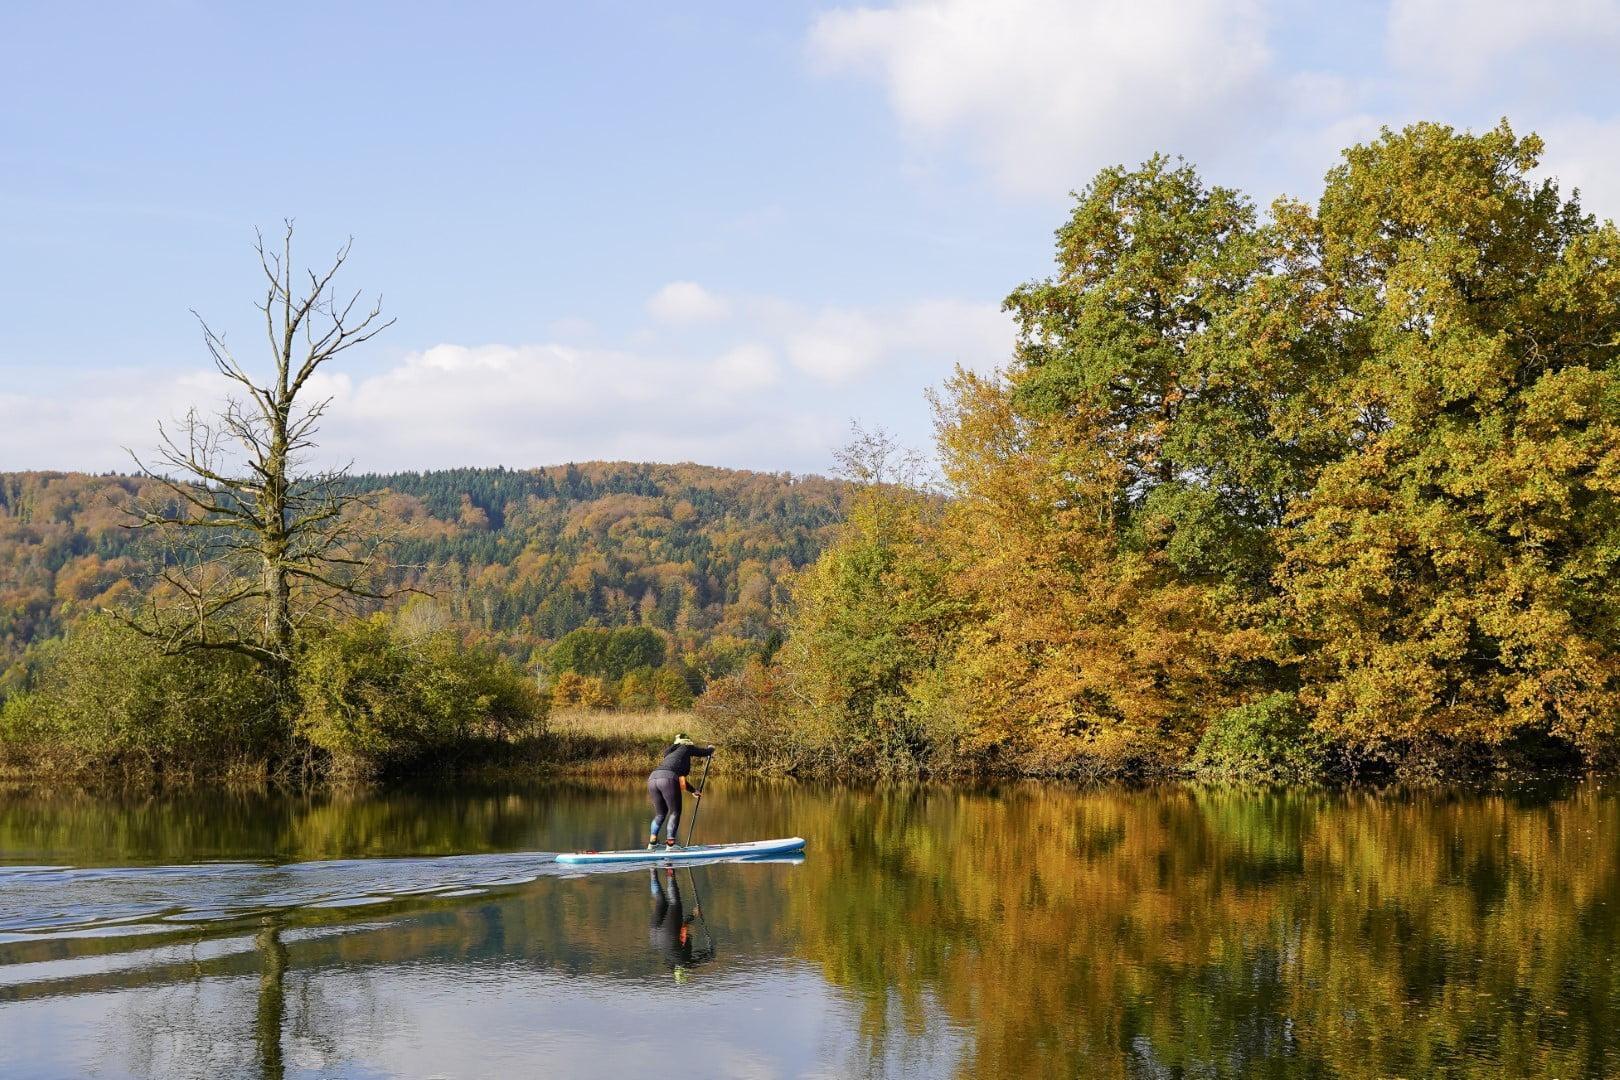 Suparka se rekreira v naravnem parku, na odprtem zraku, kar je z epidemiološkega vidika precej bolje kot telovaditi v zaprtem prostoru